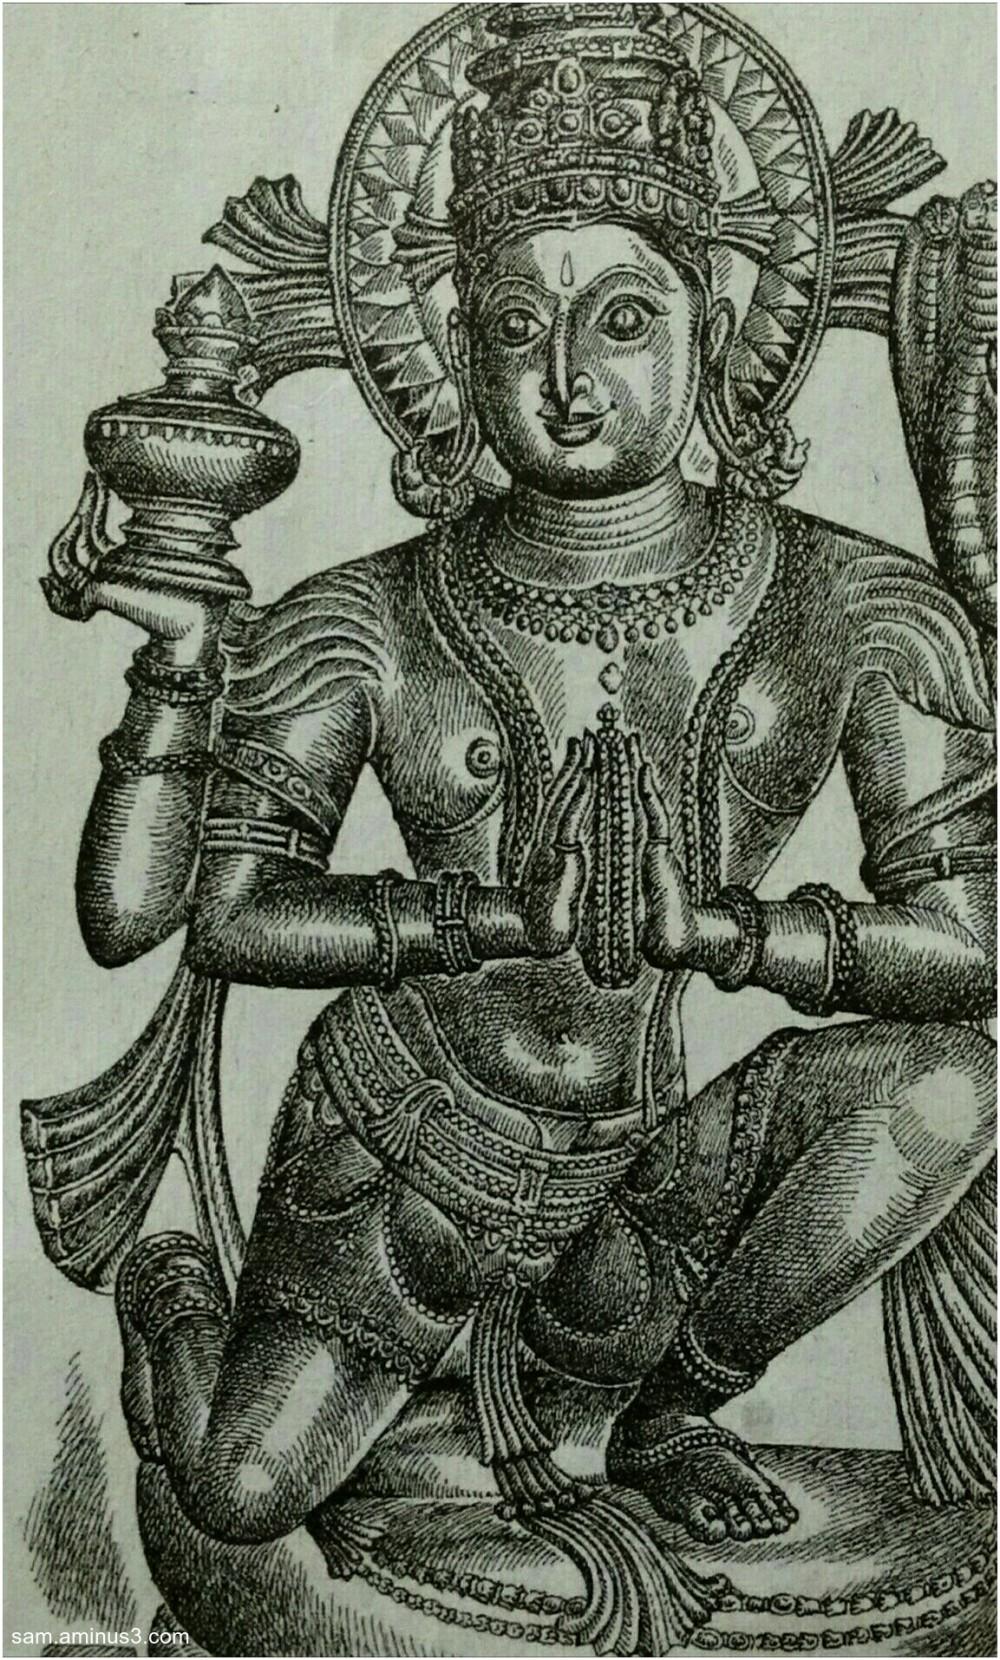 Garudashwar